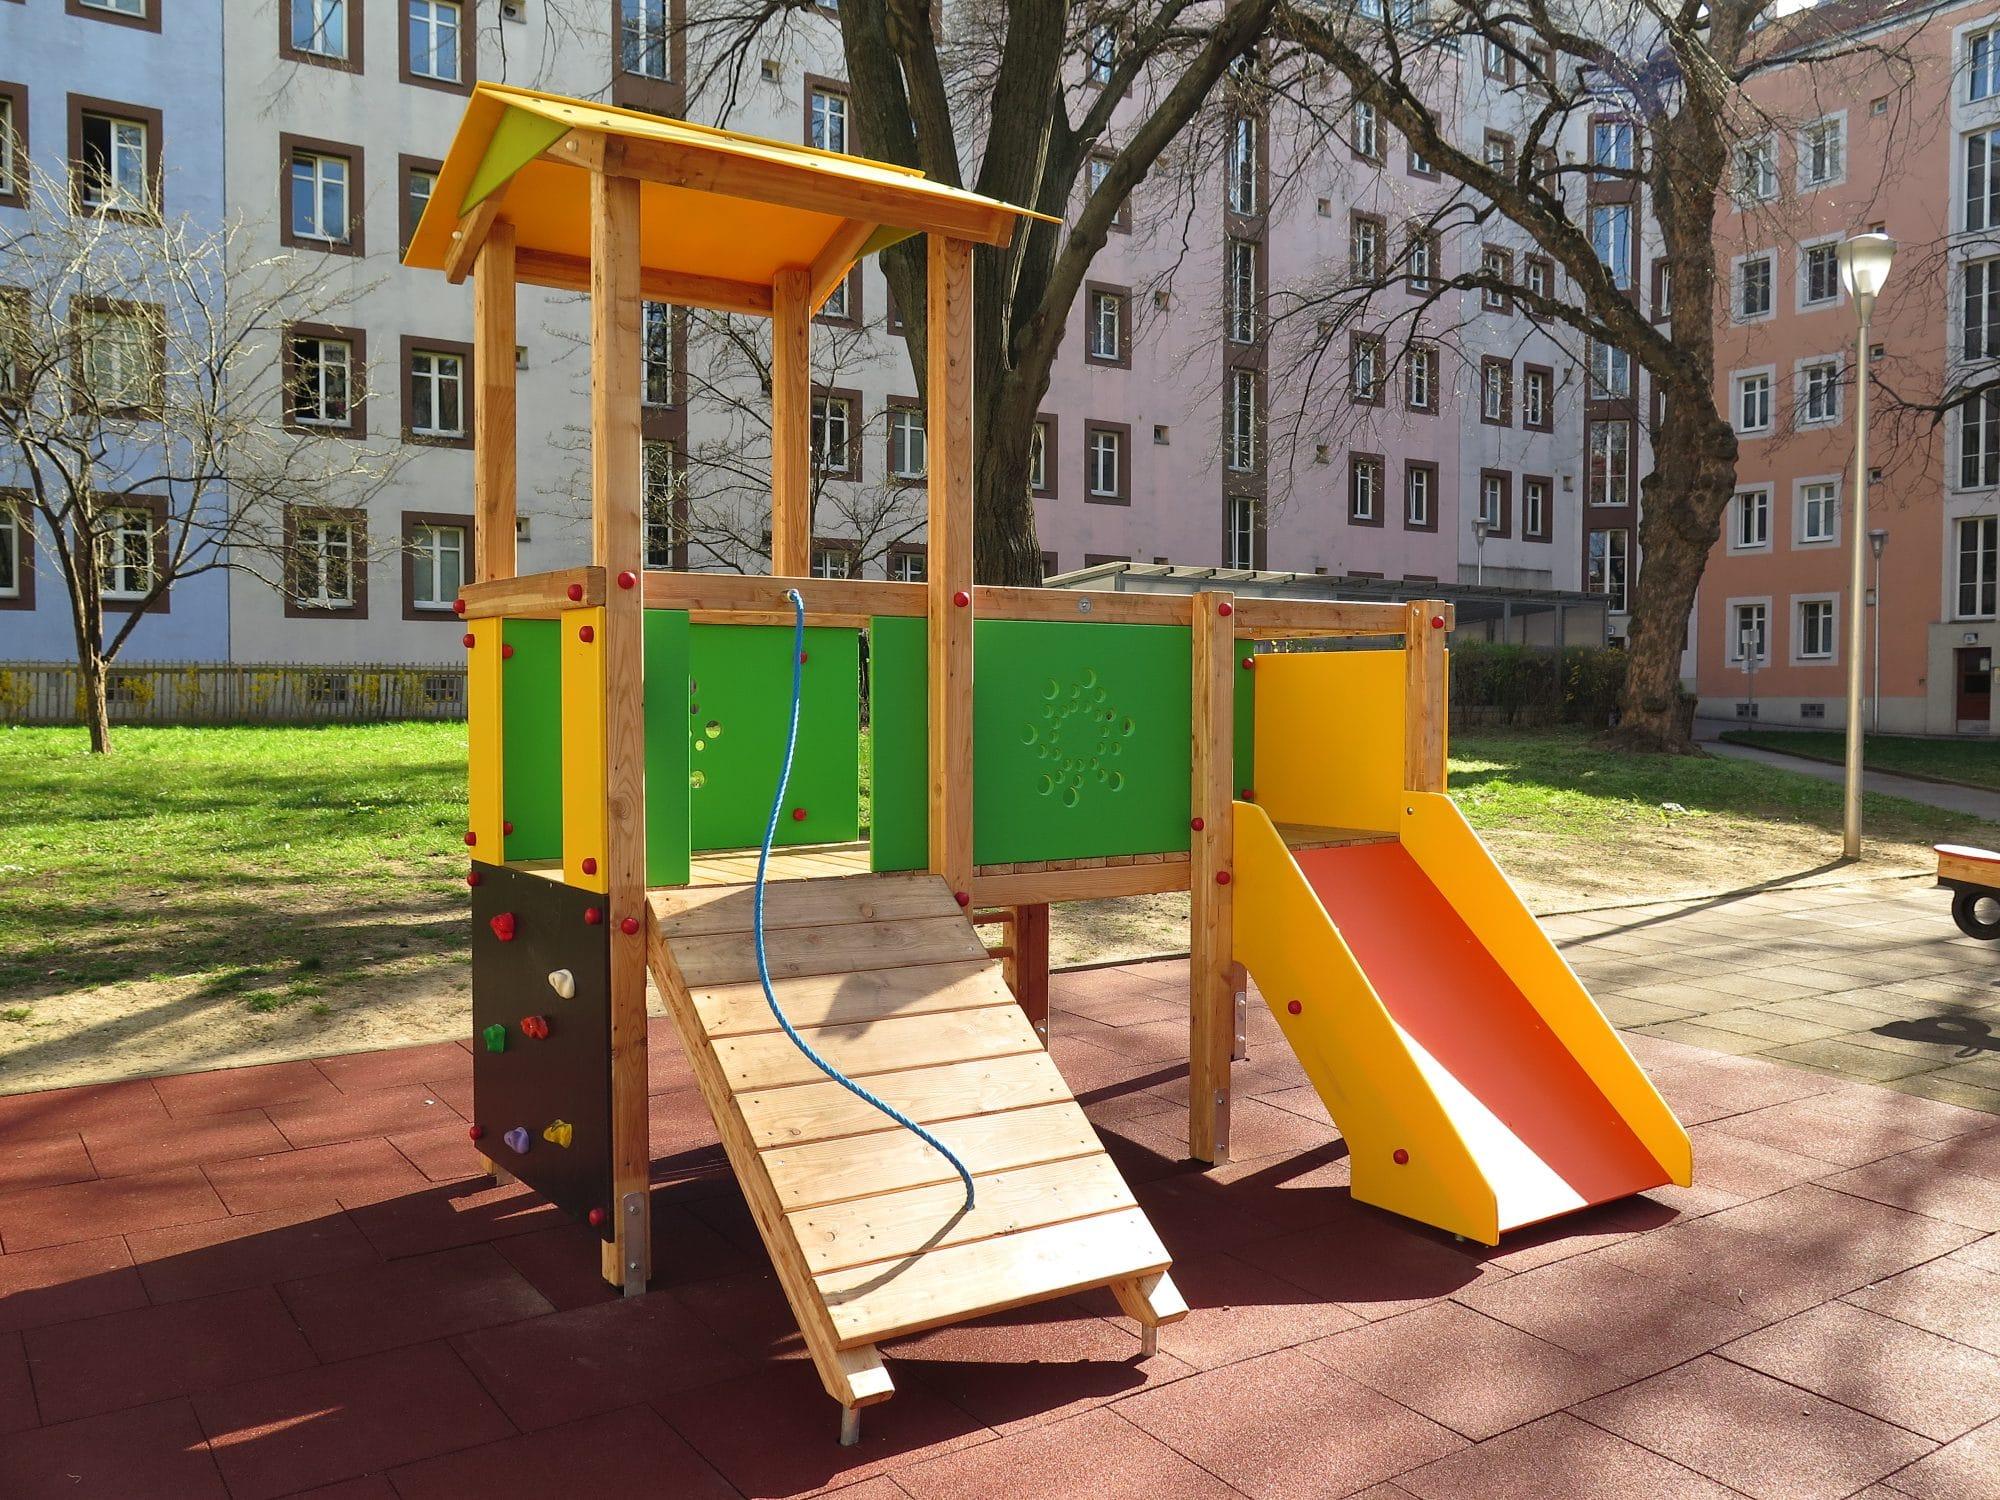 Spielgerätkombination Doppel-Turmanlage Sophie von FREISPIEL, dem Spielplatzbauer, kaufen